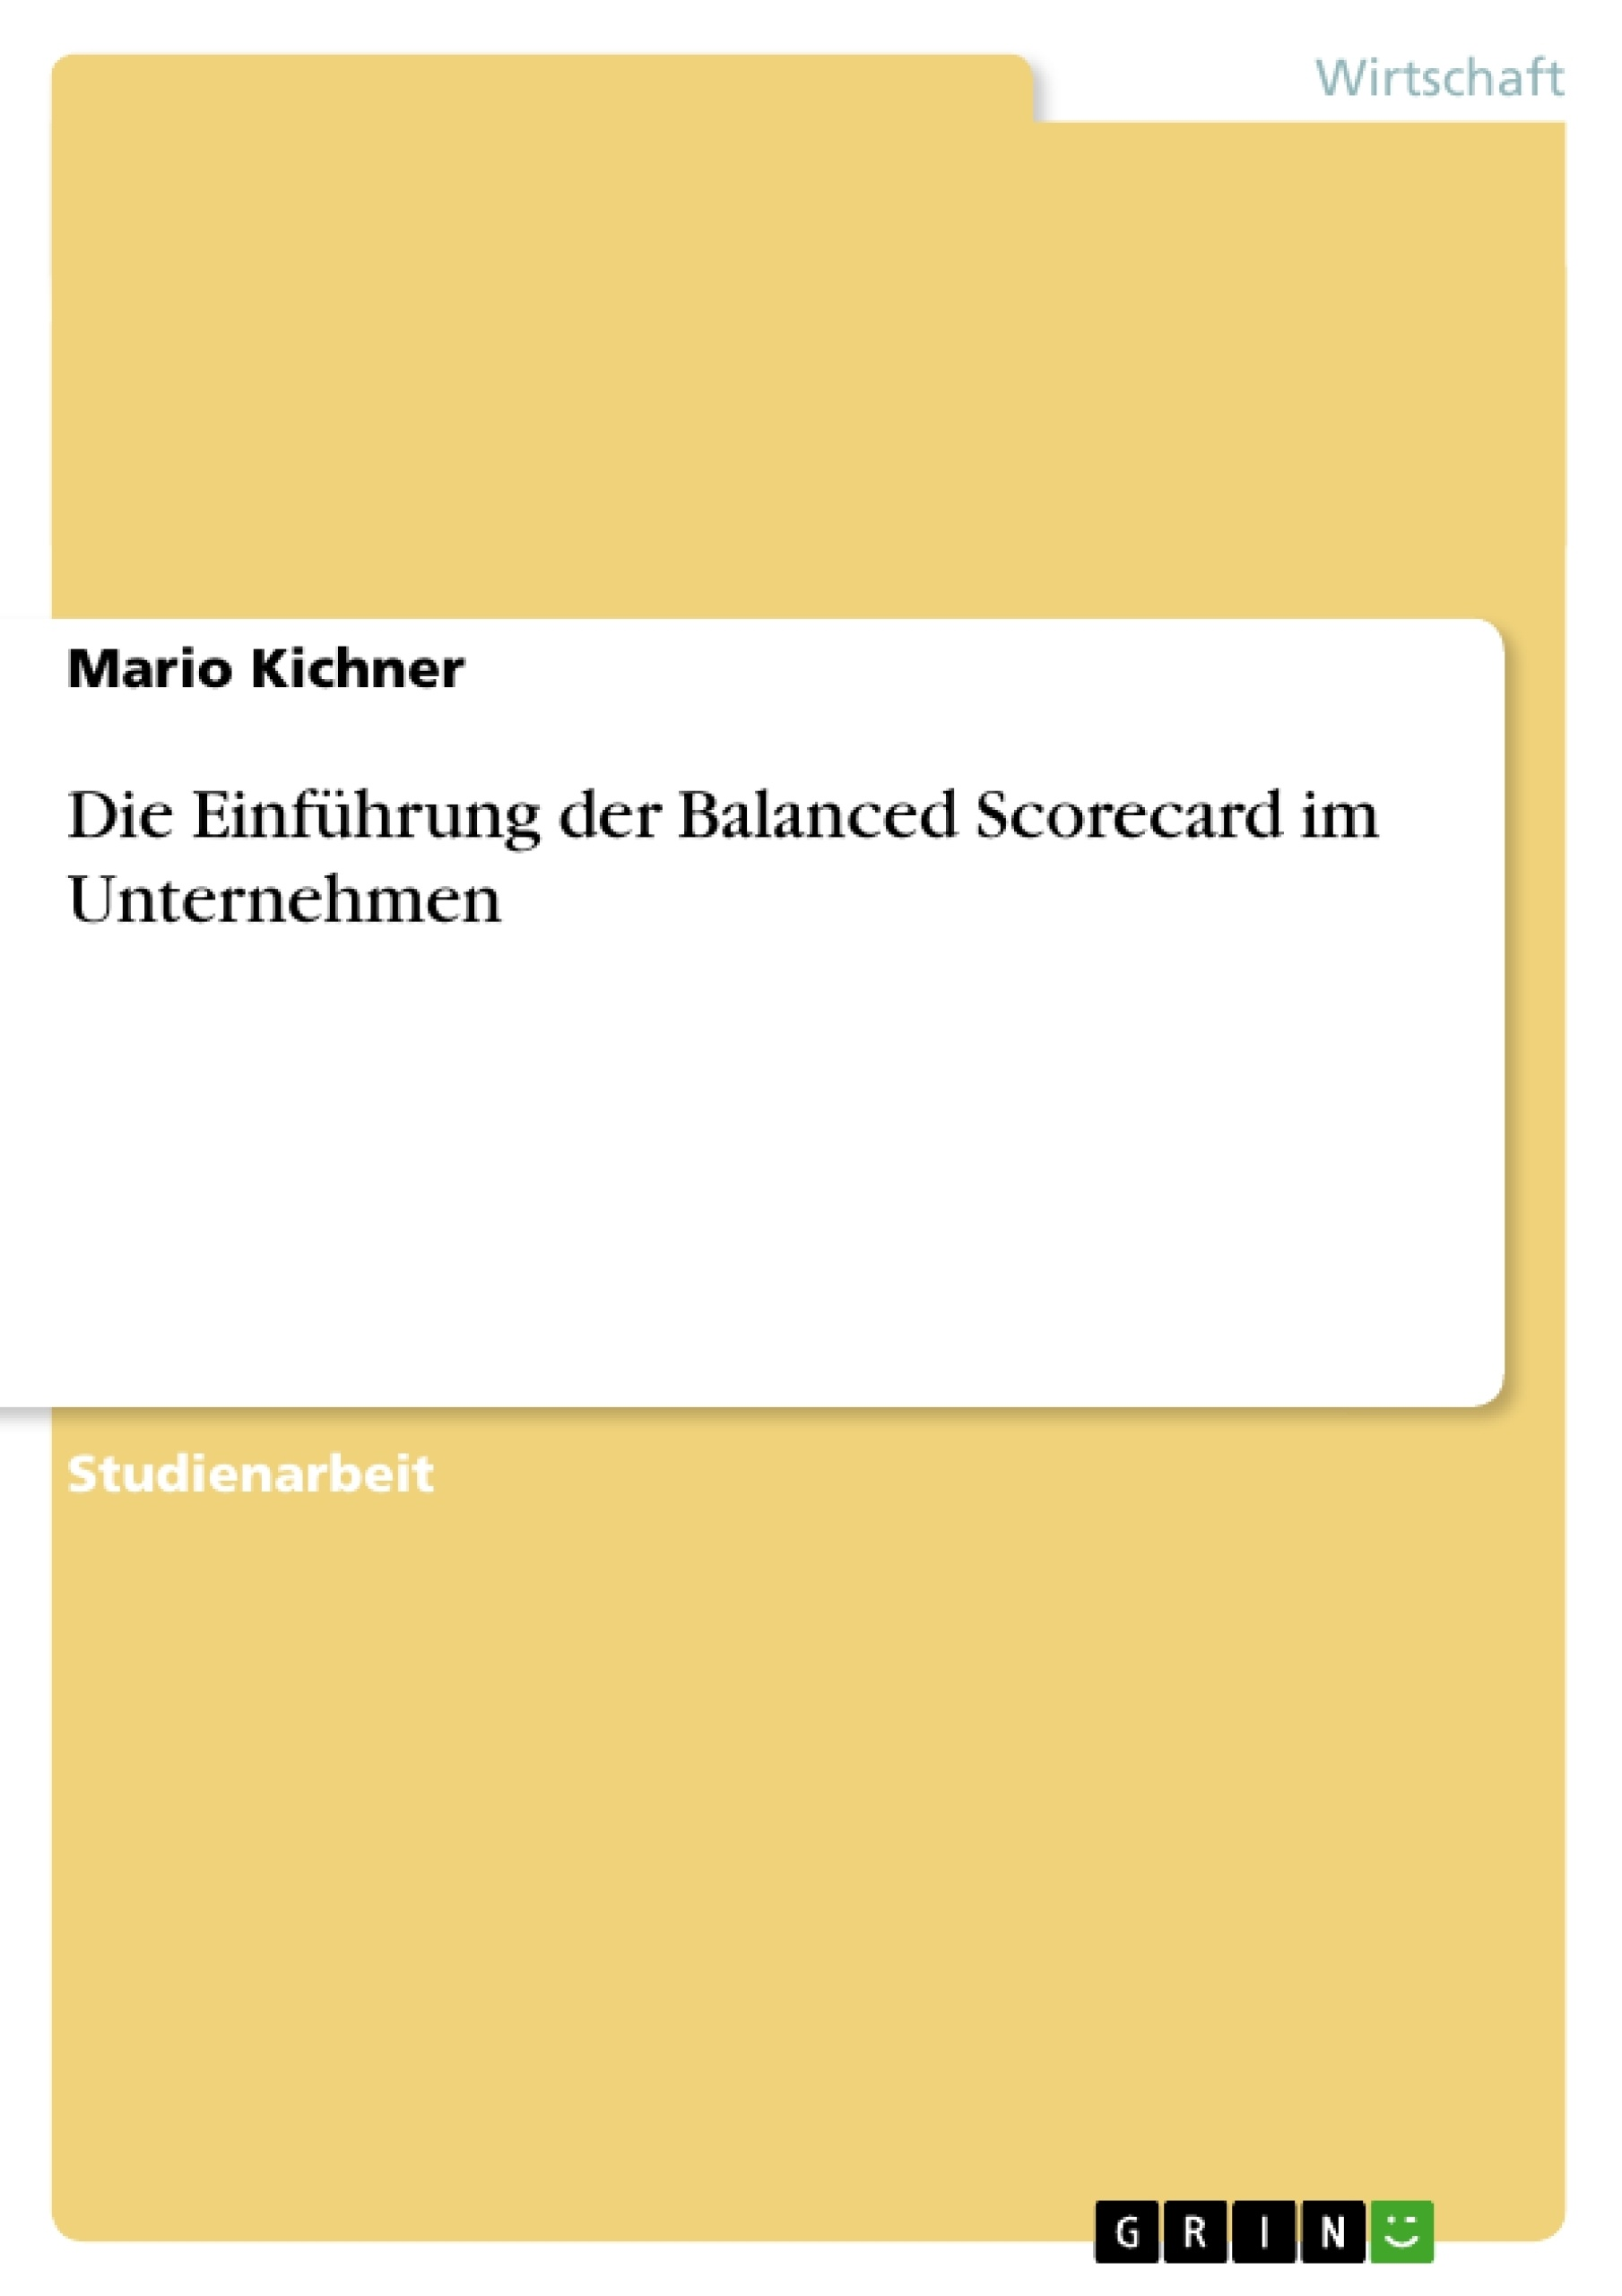 Titel: Die Einführung der Balanced Scorecard im Unternehmen